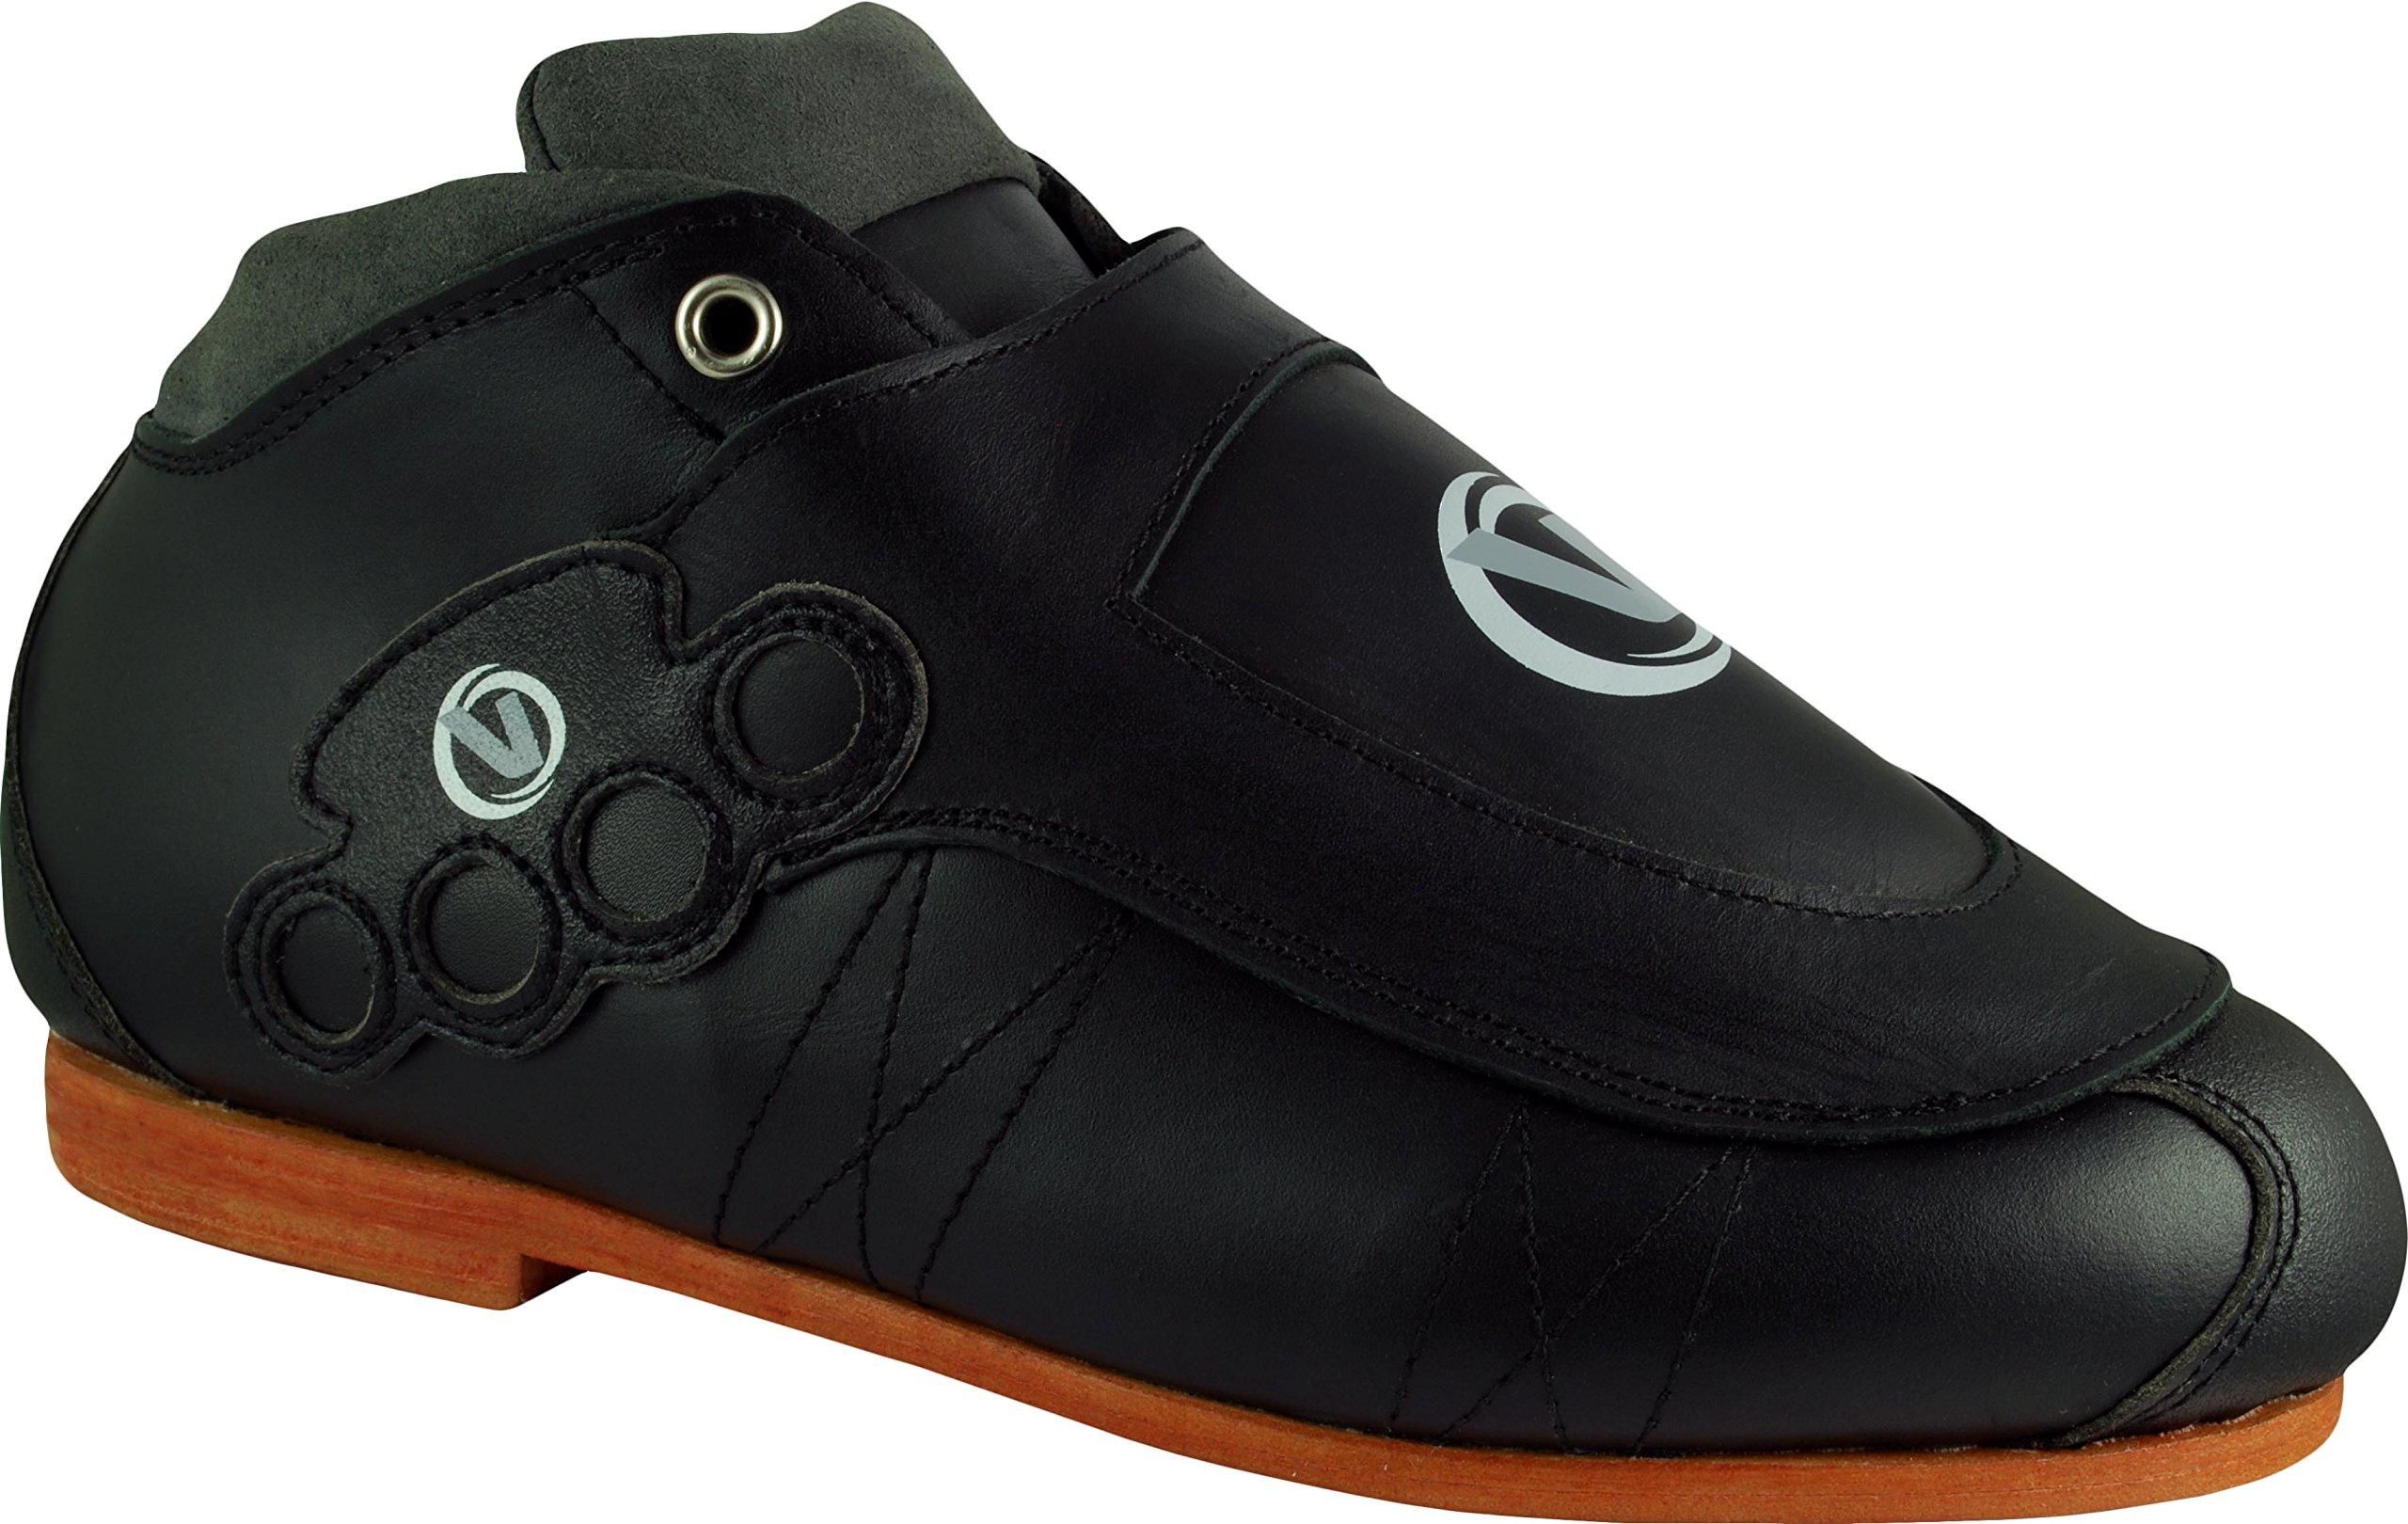 VNLA Blackout Roller Skate Boots